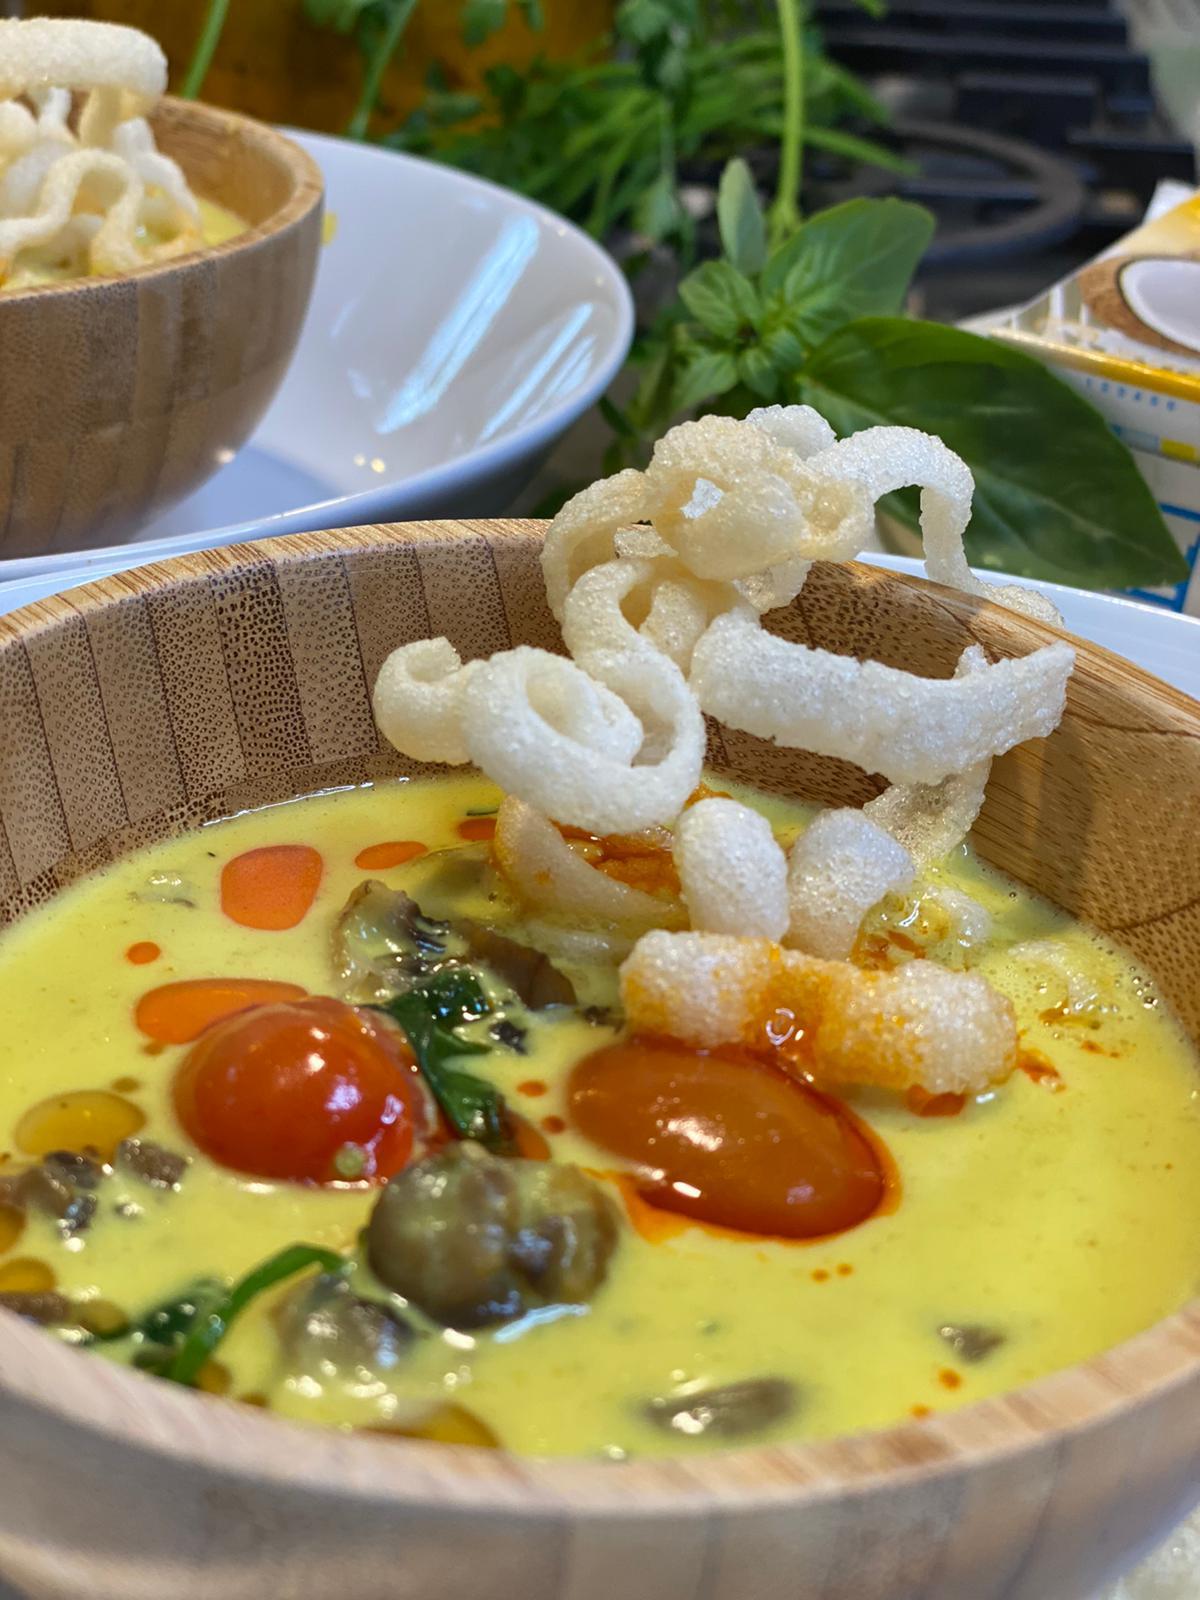 מרק קוקוס מהיר כמו במסעדה תאילנדית. צילום: משה שגב